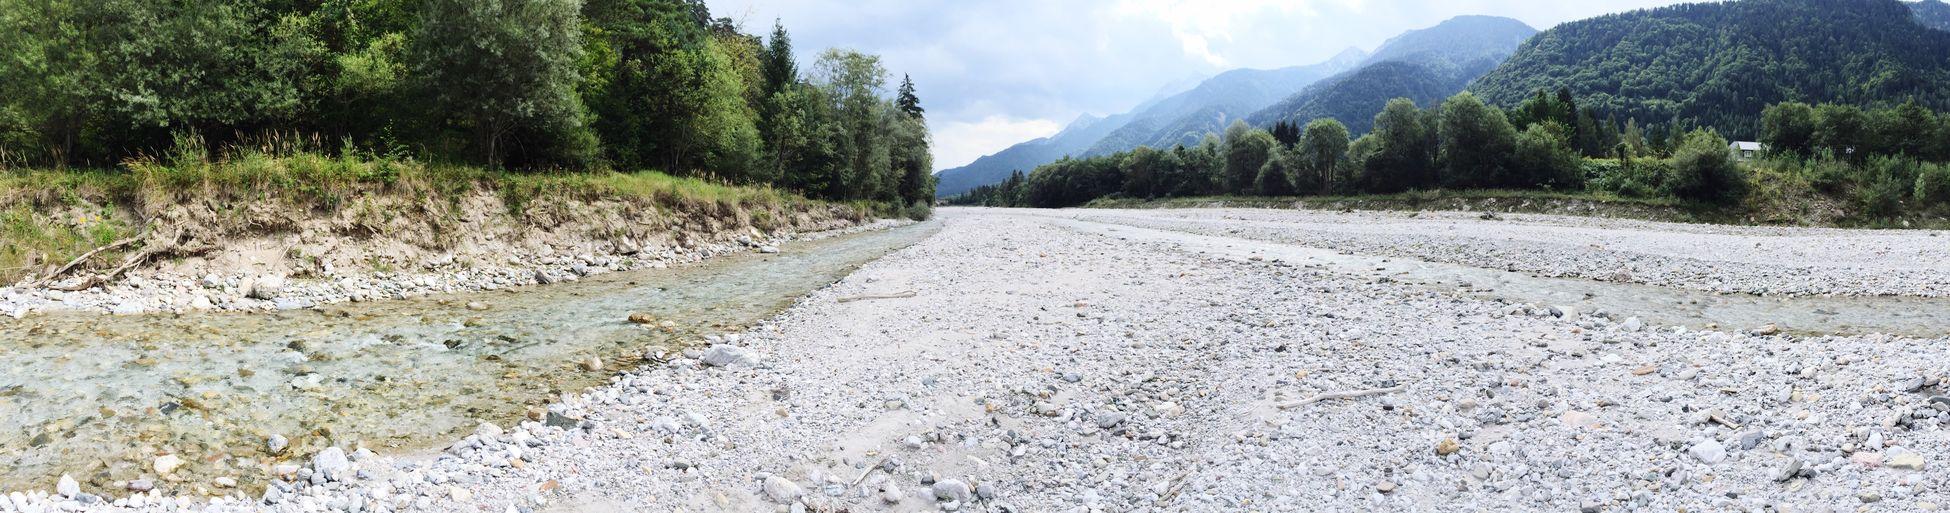 River Cold River